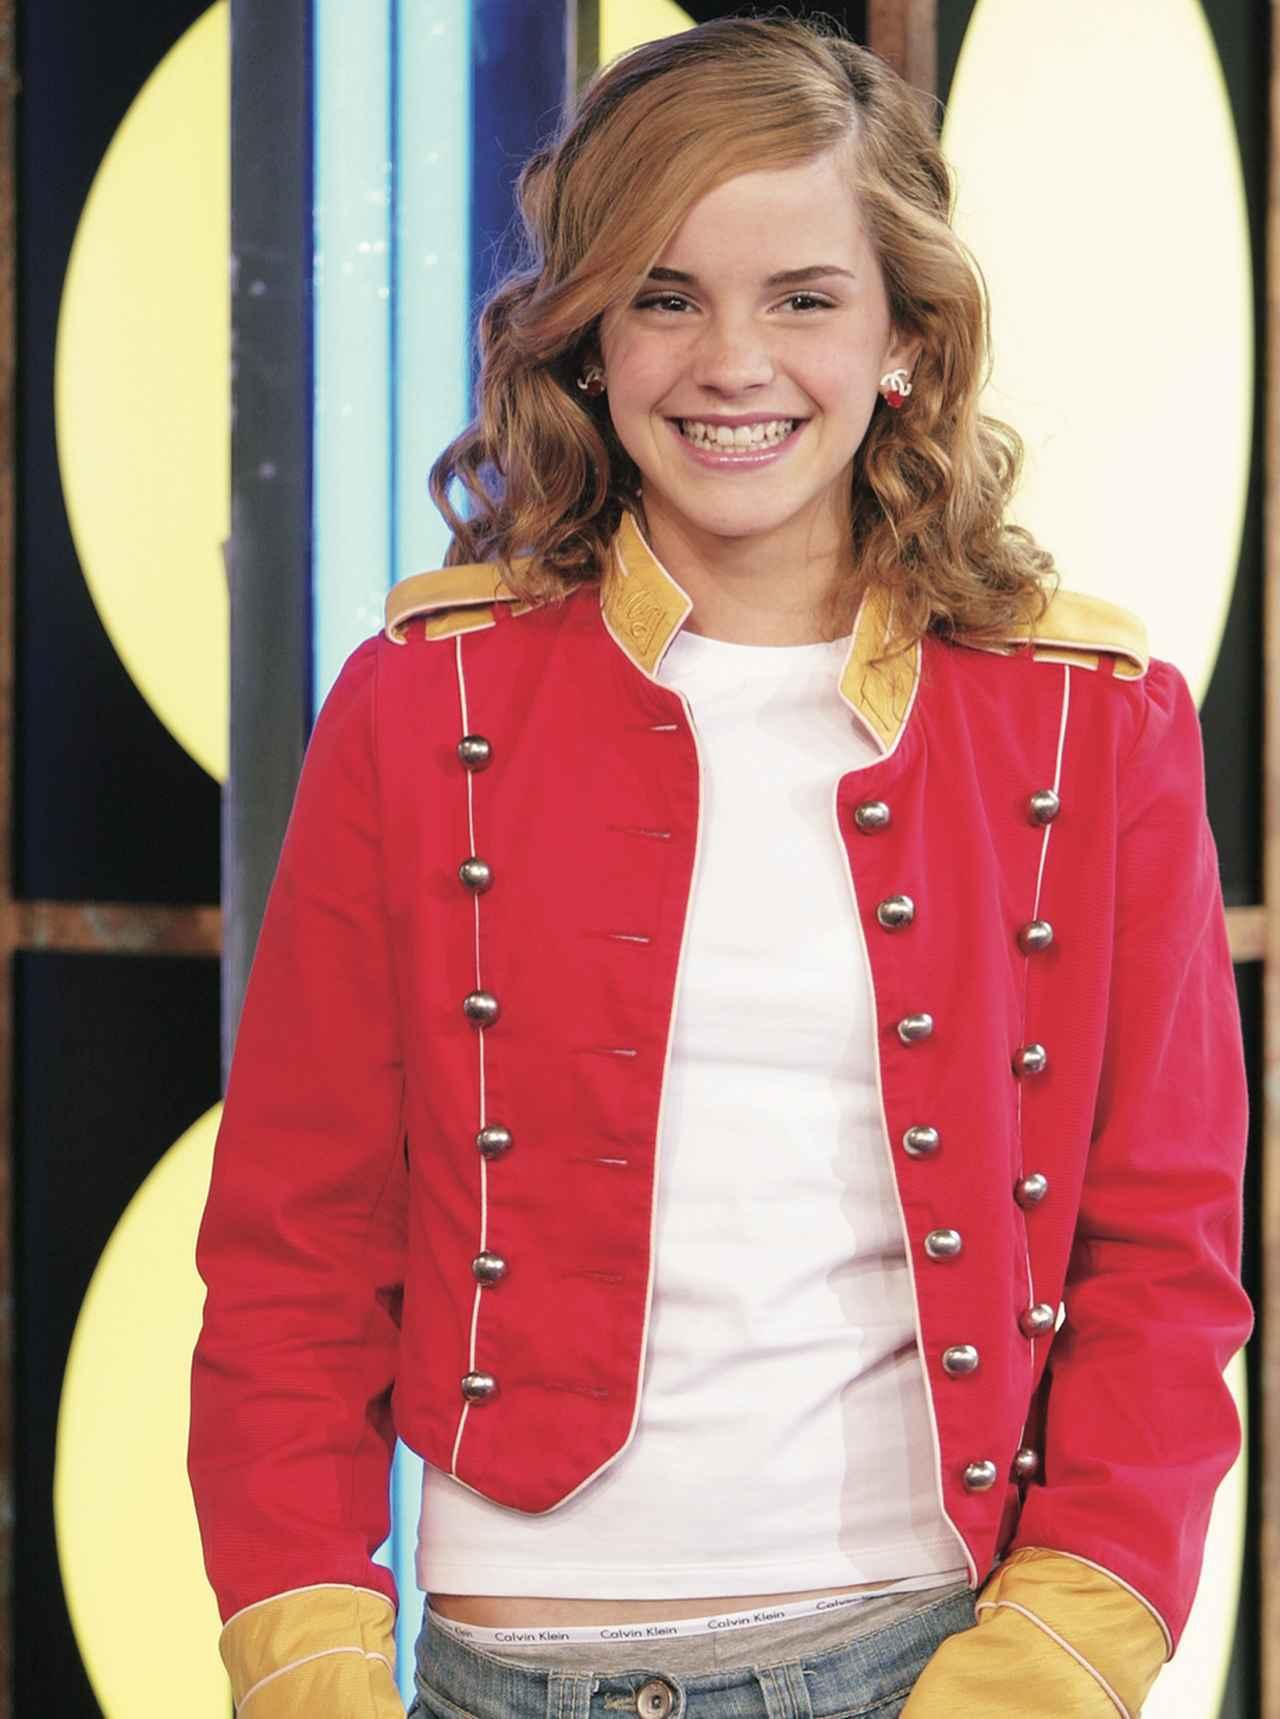 画像: お年頃の少女はあっという間に成長します。「ハリー・ポッター」は大ヒット・シリーズとなりエマの人気もぐんぐんアップ、MTVショーにも呼ばれるアイドルに。本人も何となく大人っぽく。 ©Getty Images